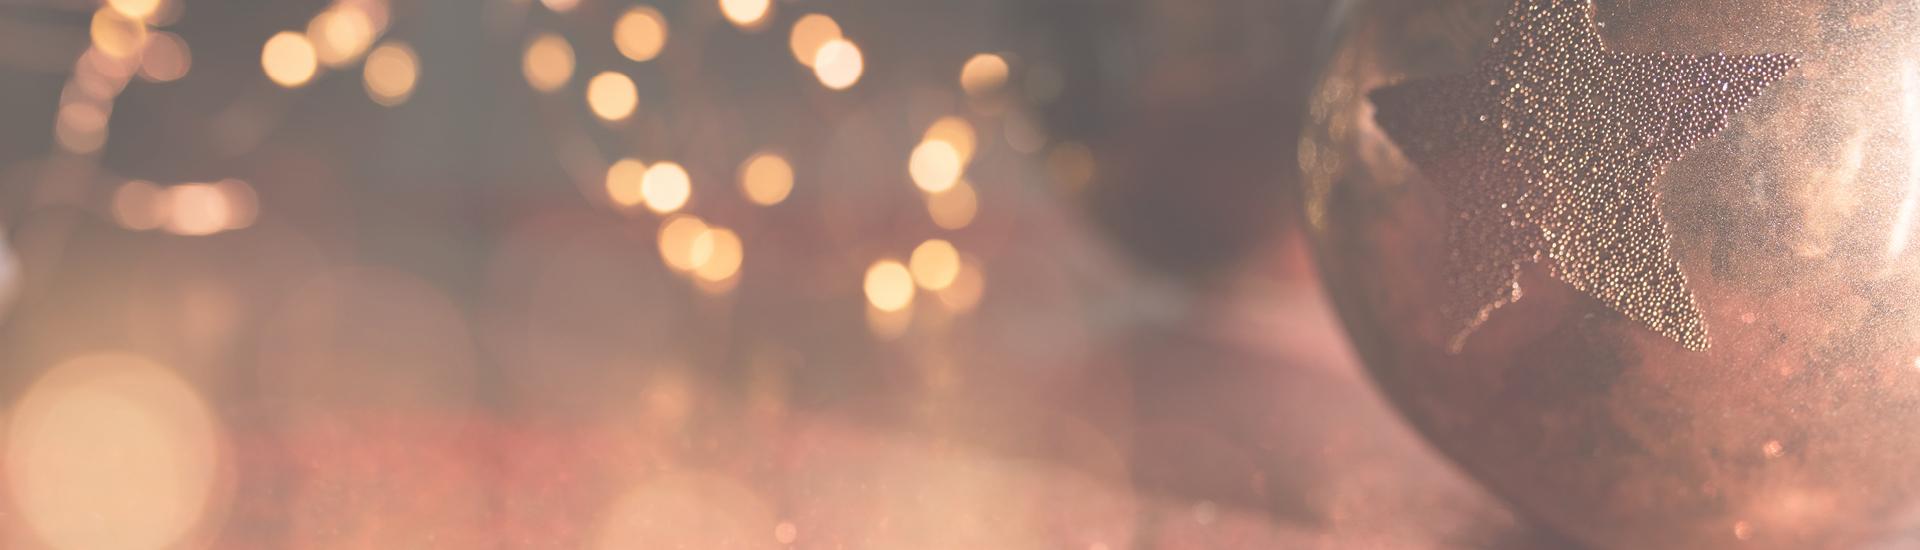 Weine - Unsere Bestseller & Lieblingsweine mit -20% 10-12/2019 - Slider